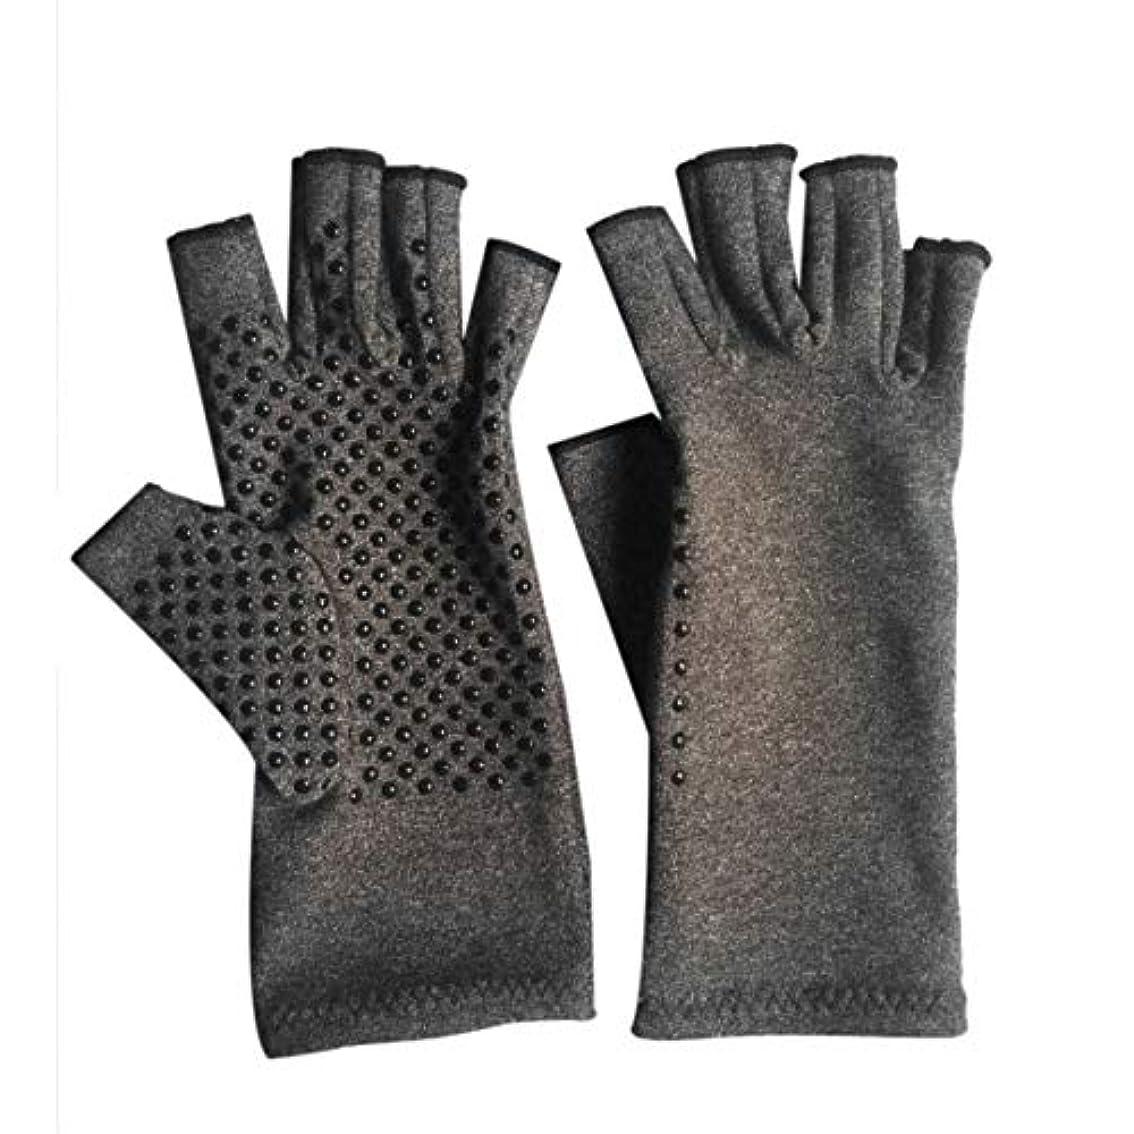 バンドル早い治安判事1ペアユニセックス男性女性療法圧縮手袋関節炎関節痛緩和ヘルスケア半指手袋トレーニング手袋 - グレーM